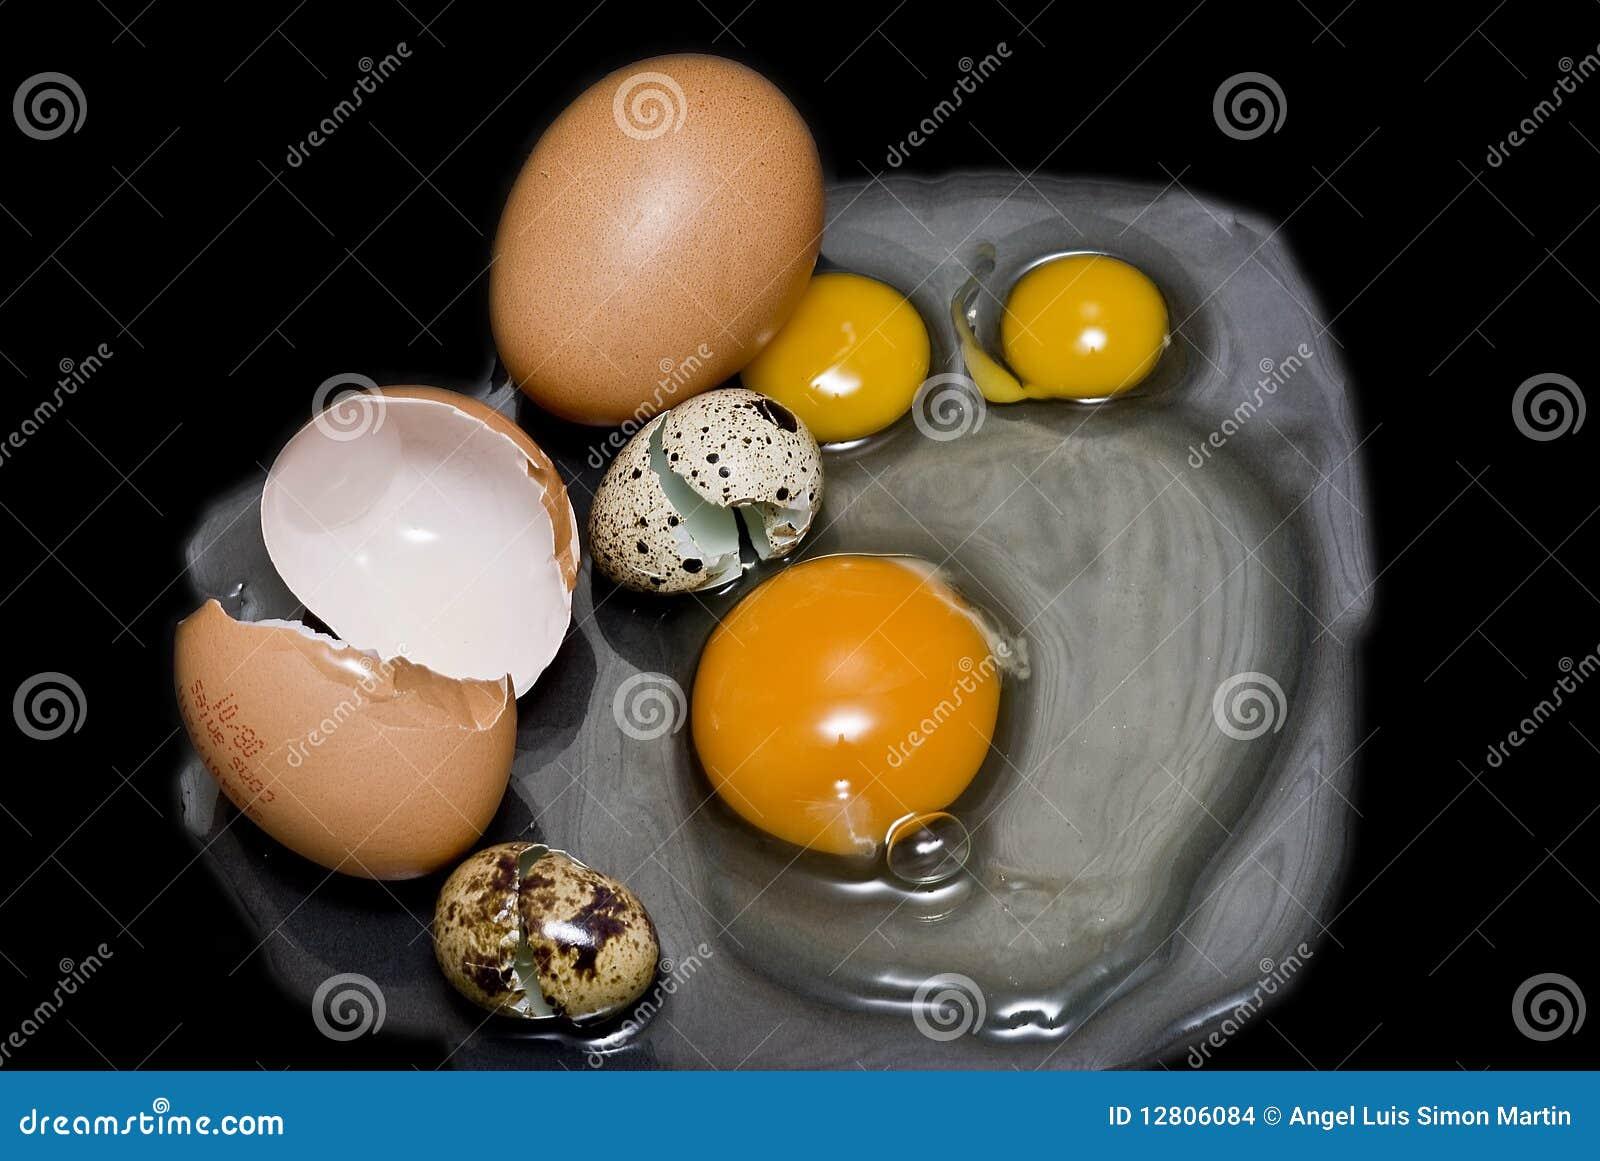 Ovos frescos diferentes para uma omeleta